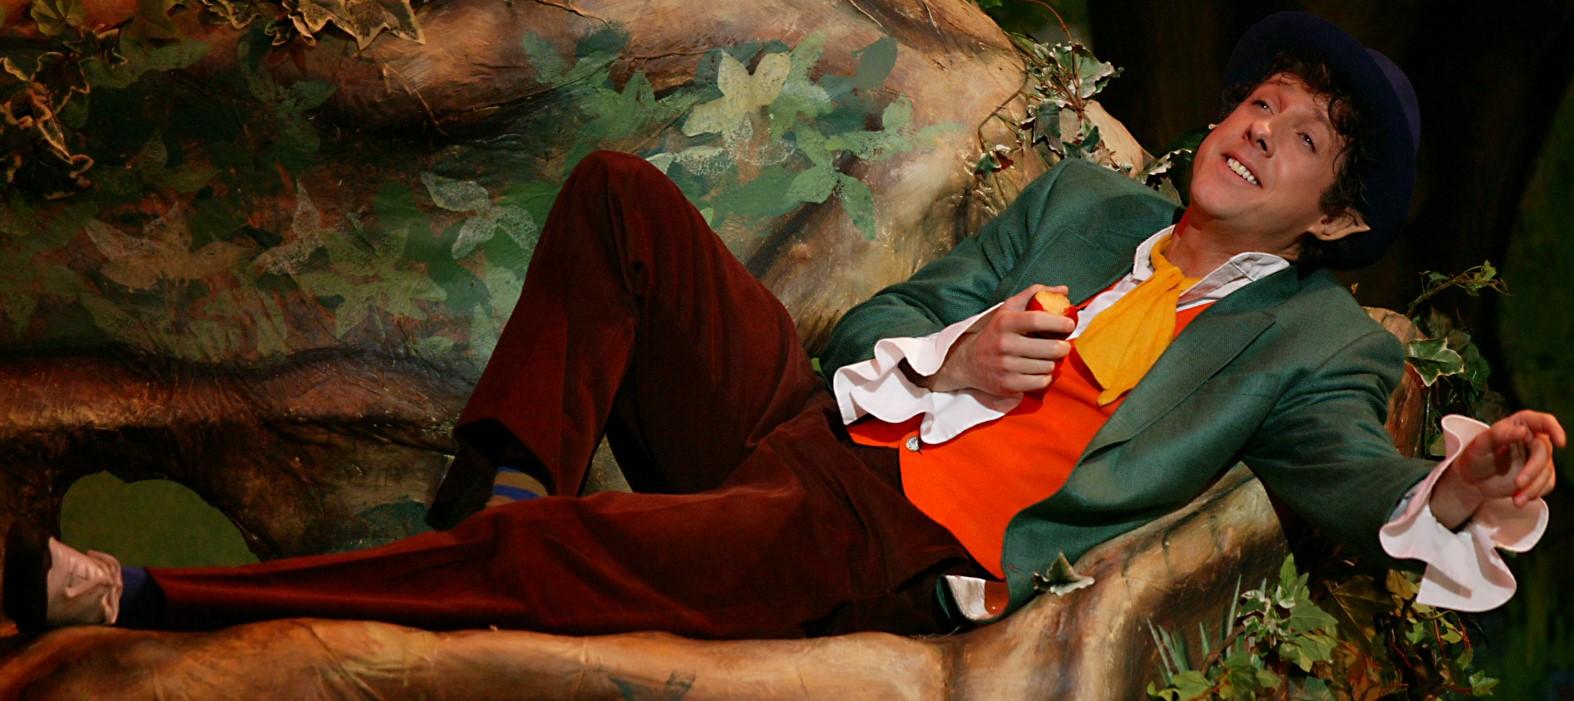 As OG the Leprechaun in FINIAN'S RAINBOW